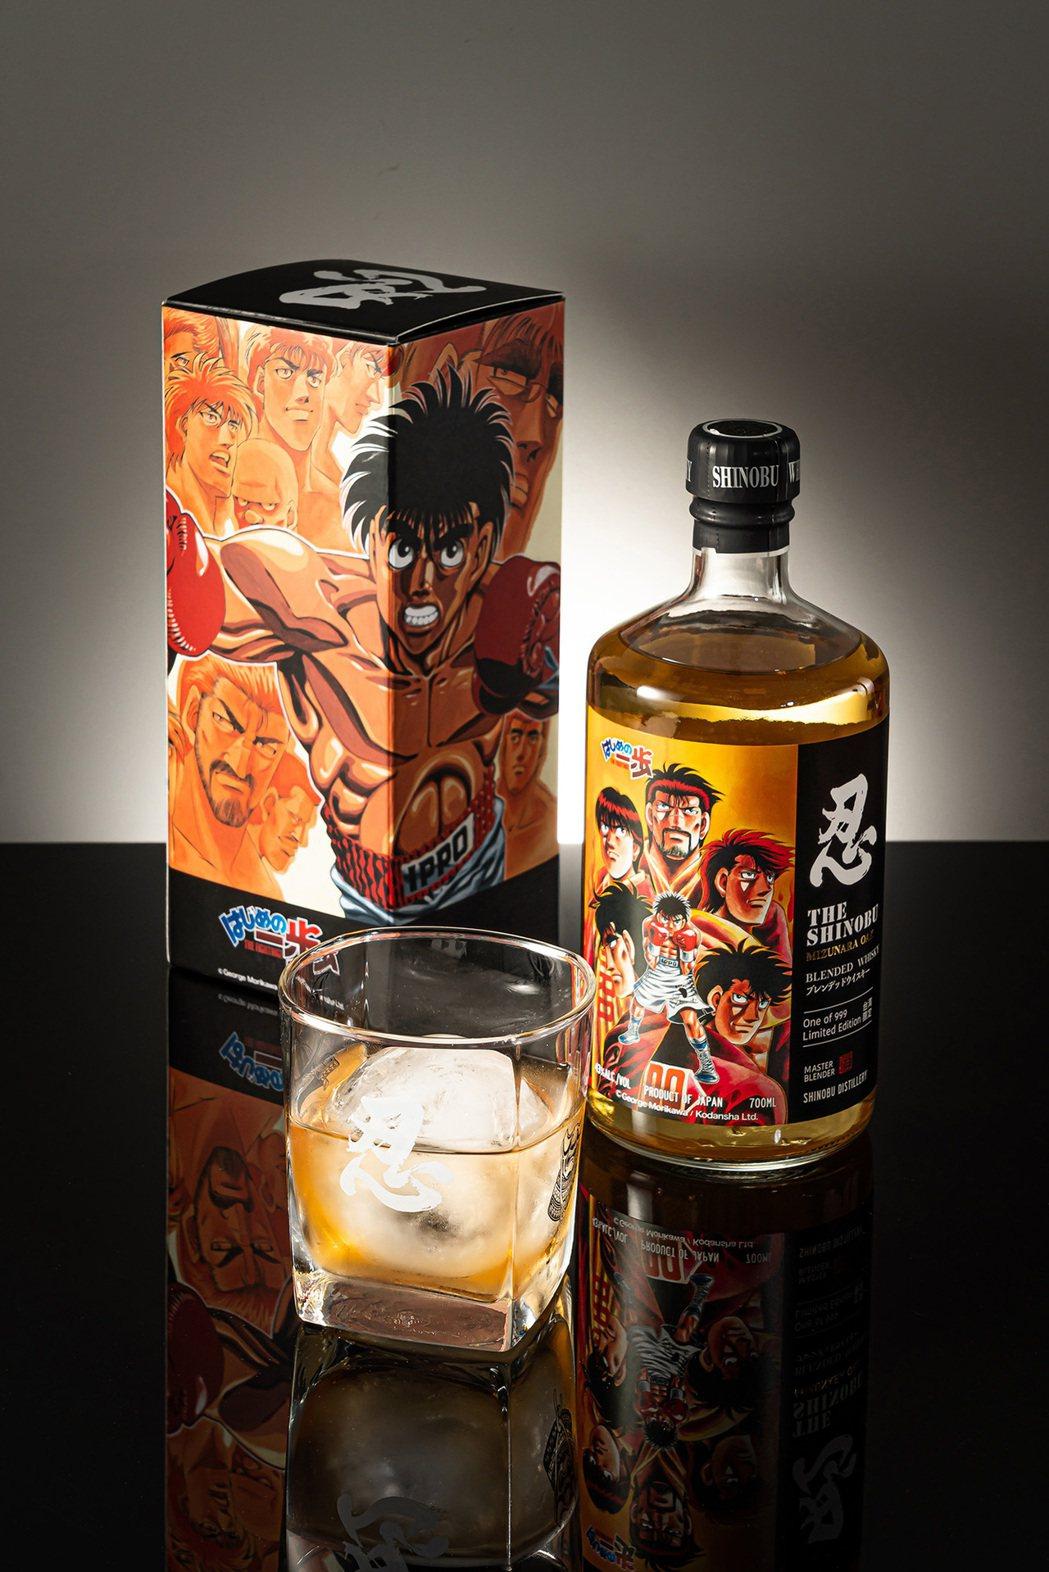 【忍SHINOBU】X《第一神拳》聯名威士忌首發酒款「日本新人王一步」,描繪主角...